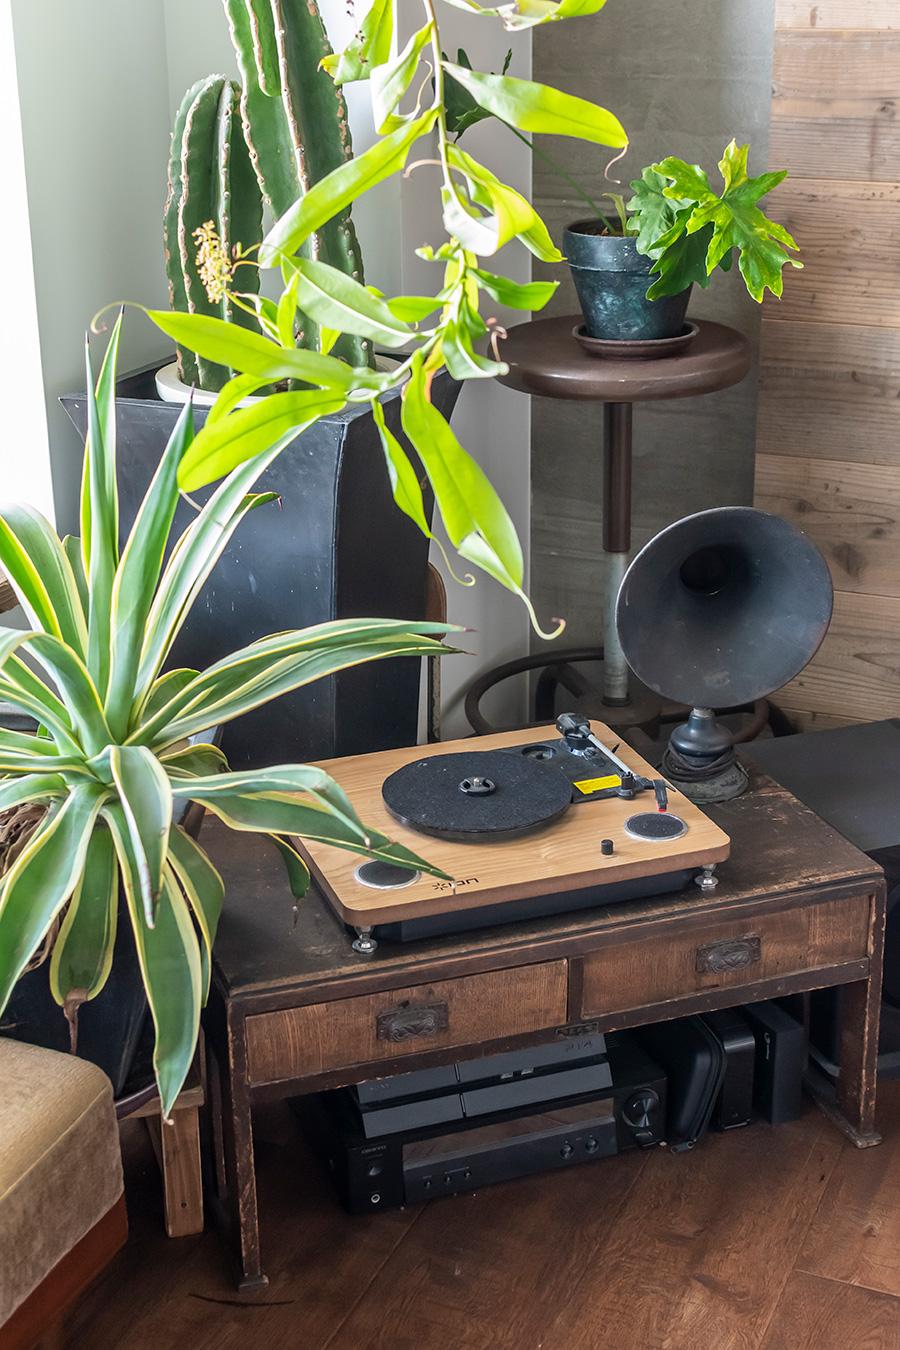 レトロな文机の上にはレコードプレーヤーと蓄音機を。